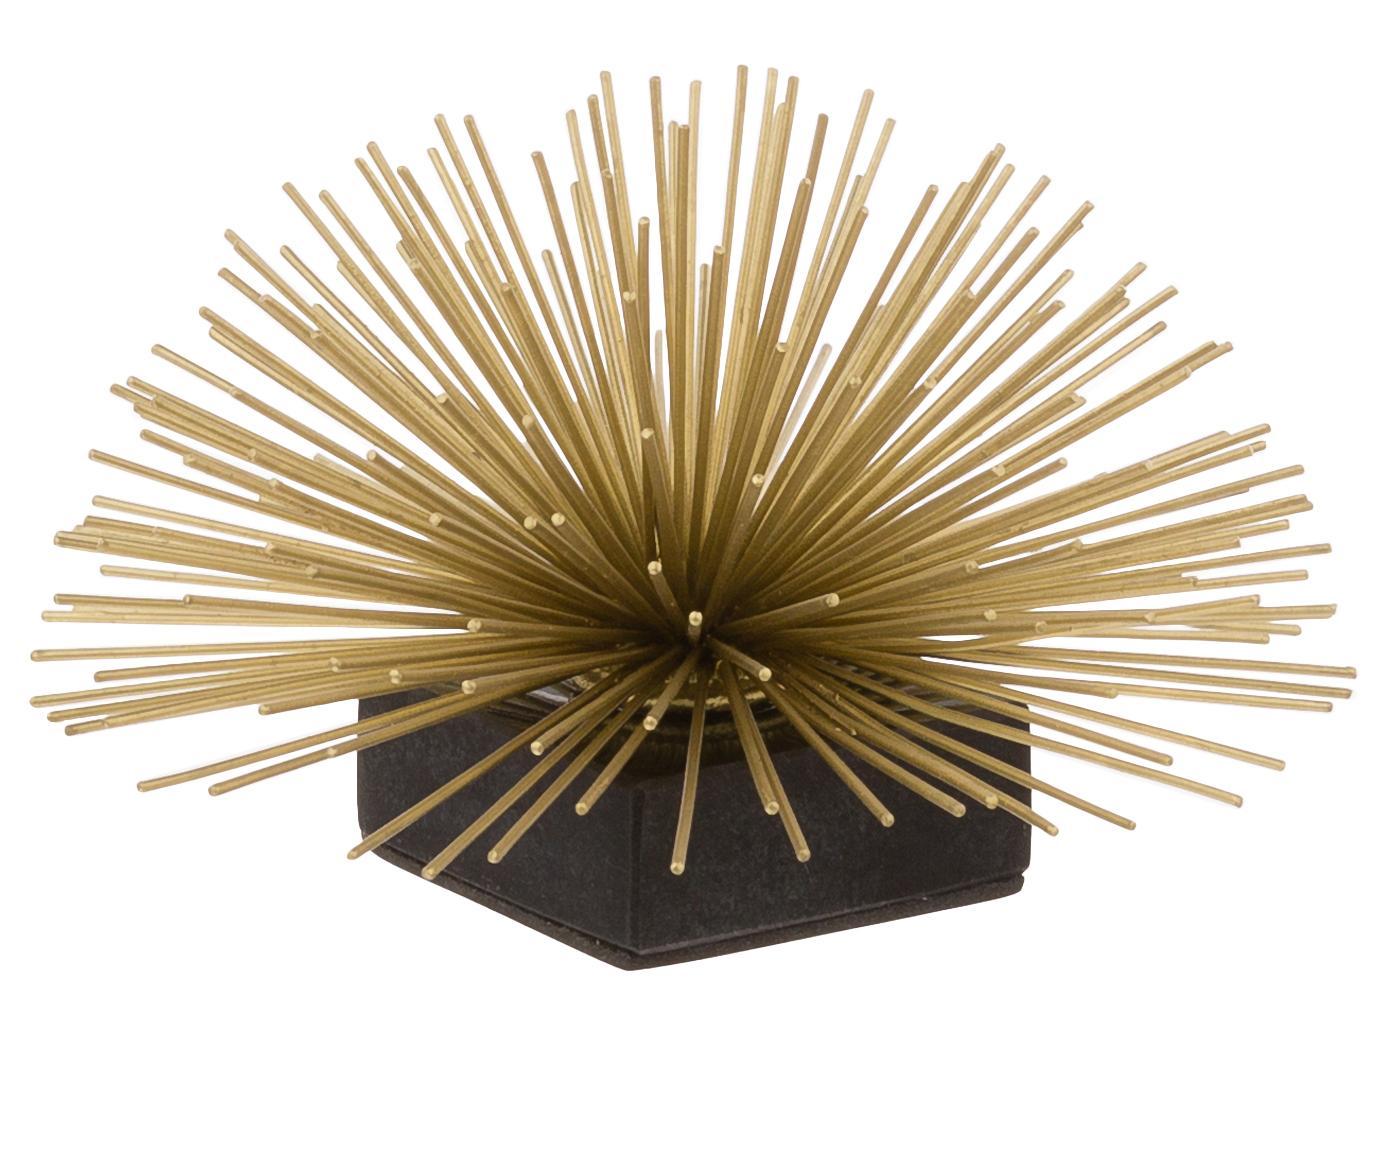 Decoratief object Marburch, Object: metaal, Voet: marmer, Onderzijde: vilt, Object: goudkleurig. Voet: zwart marmer, Ø 16 x H 11 cm